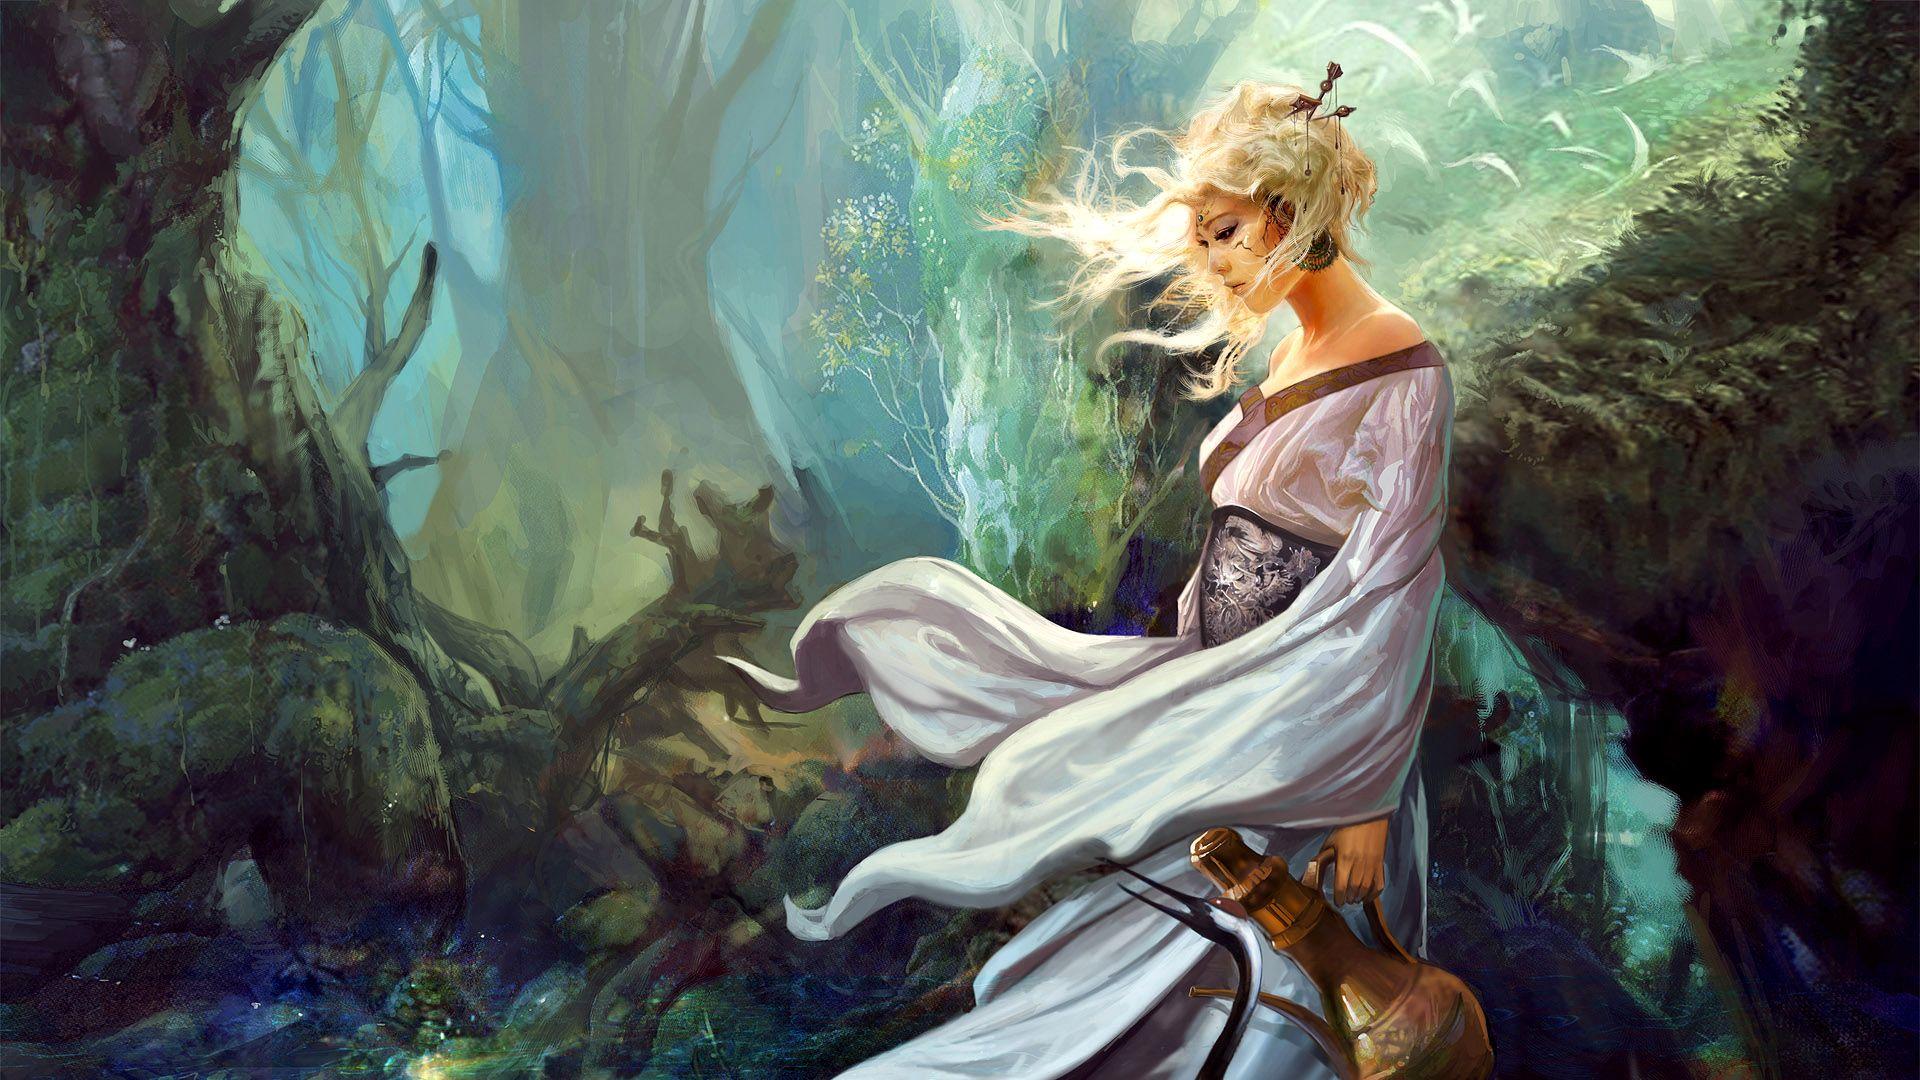 Fine Art Wallpaper Homepage » Fine Art » Fine Art HD